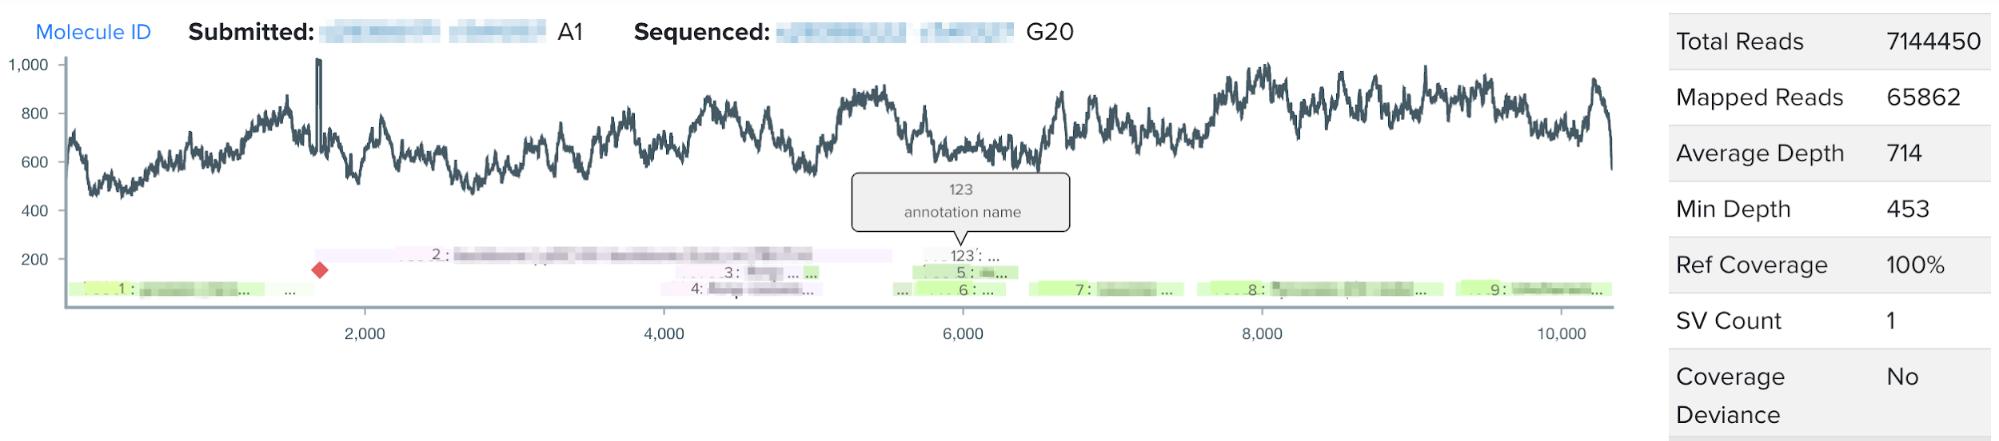 NGS Viewer Screenshot